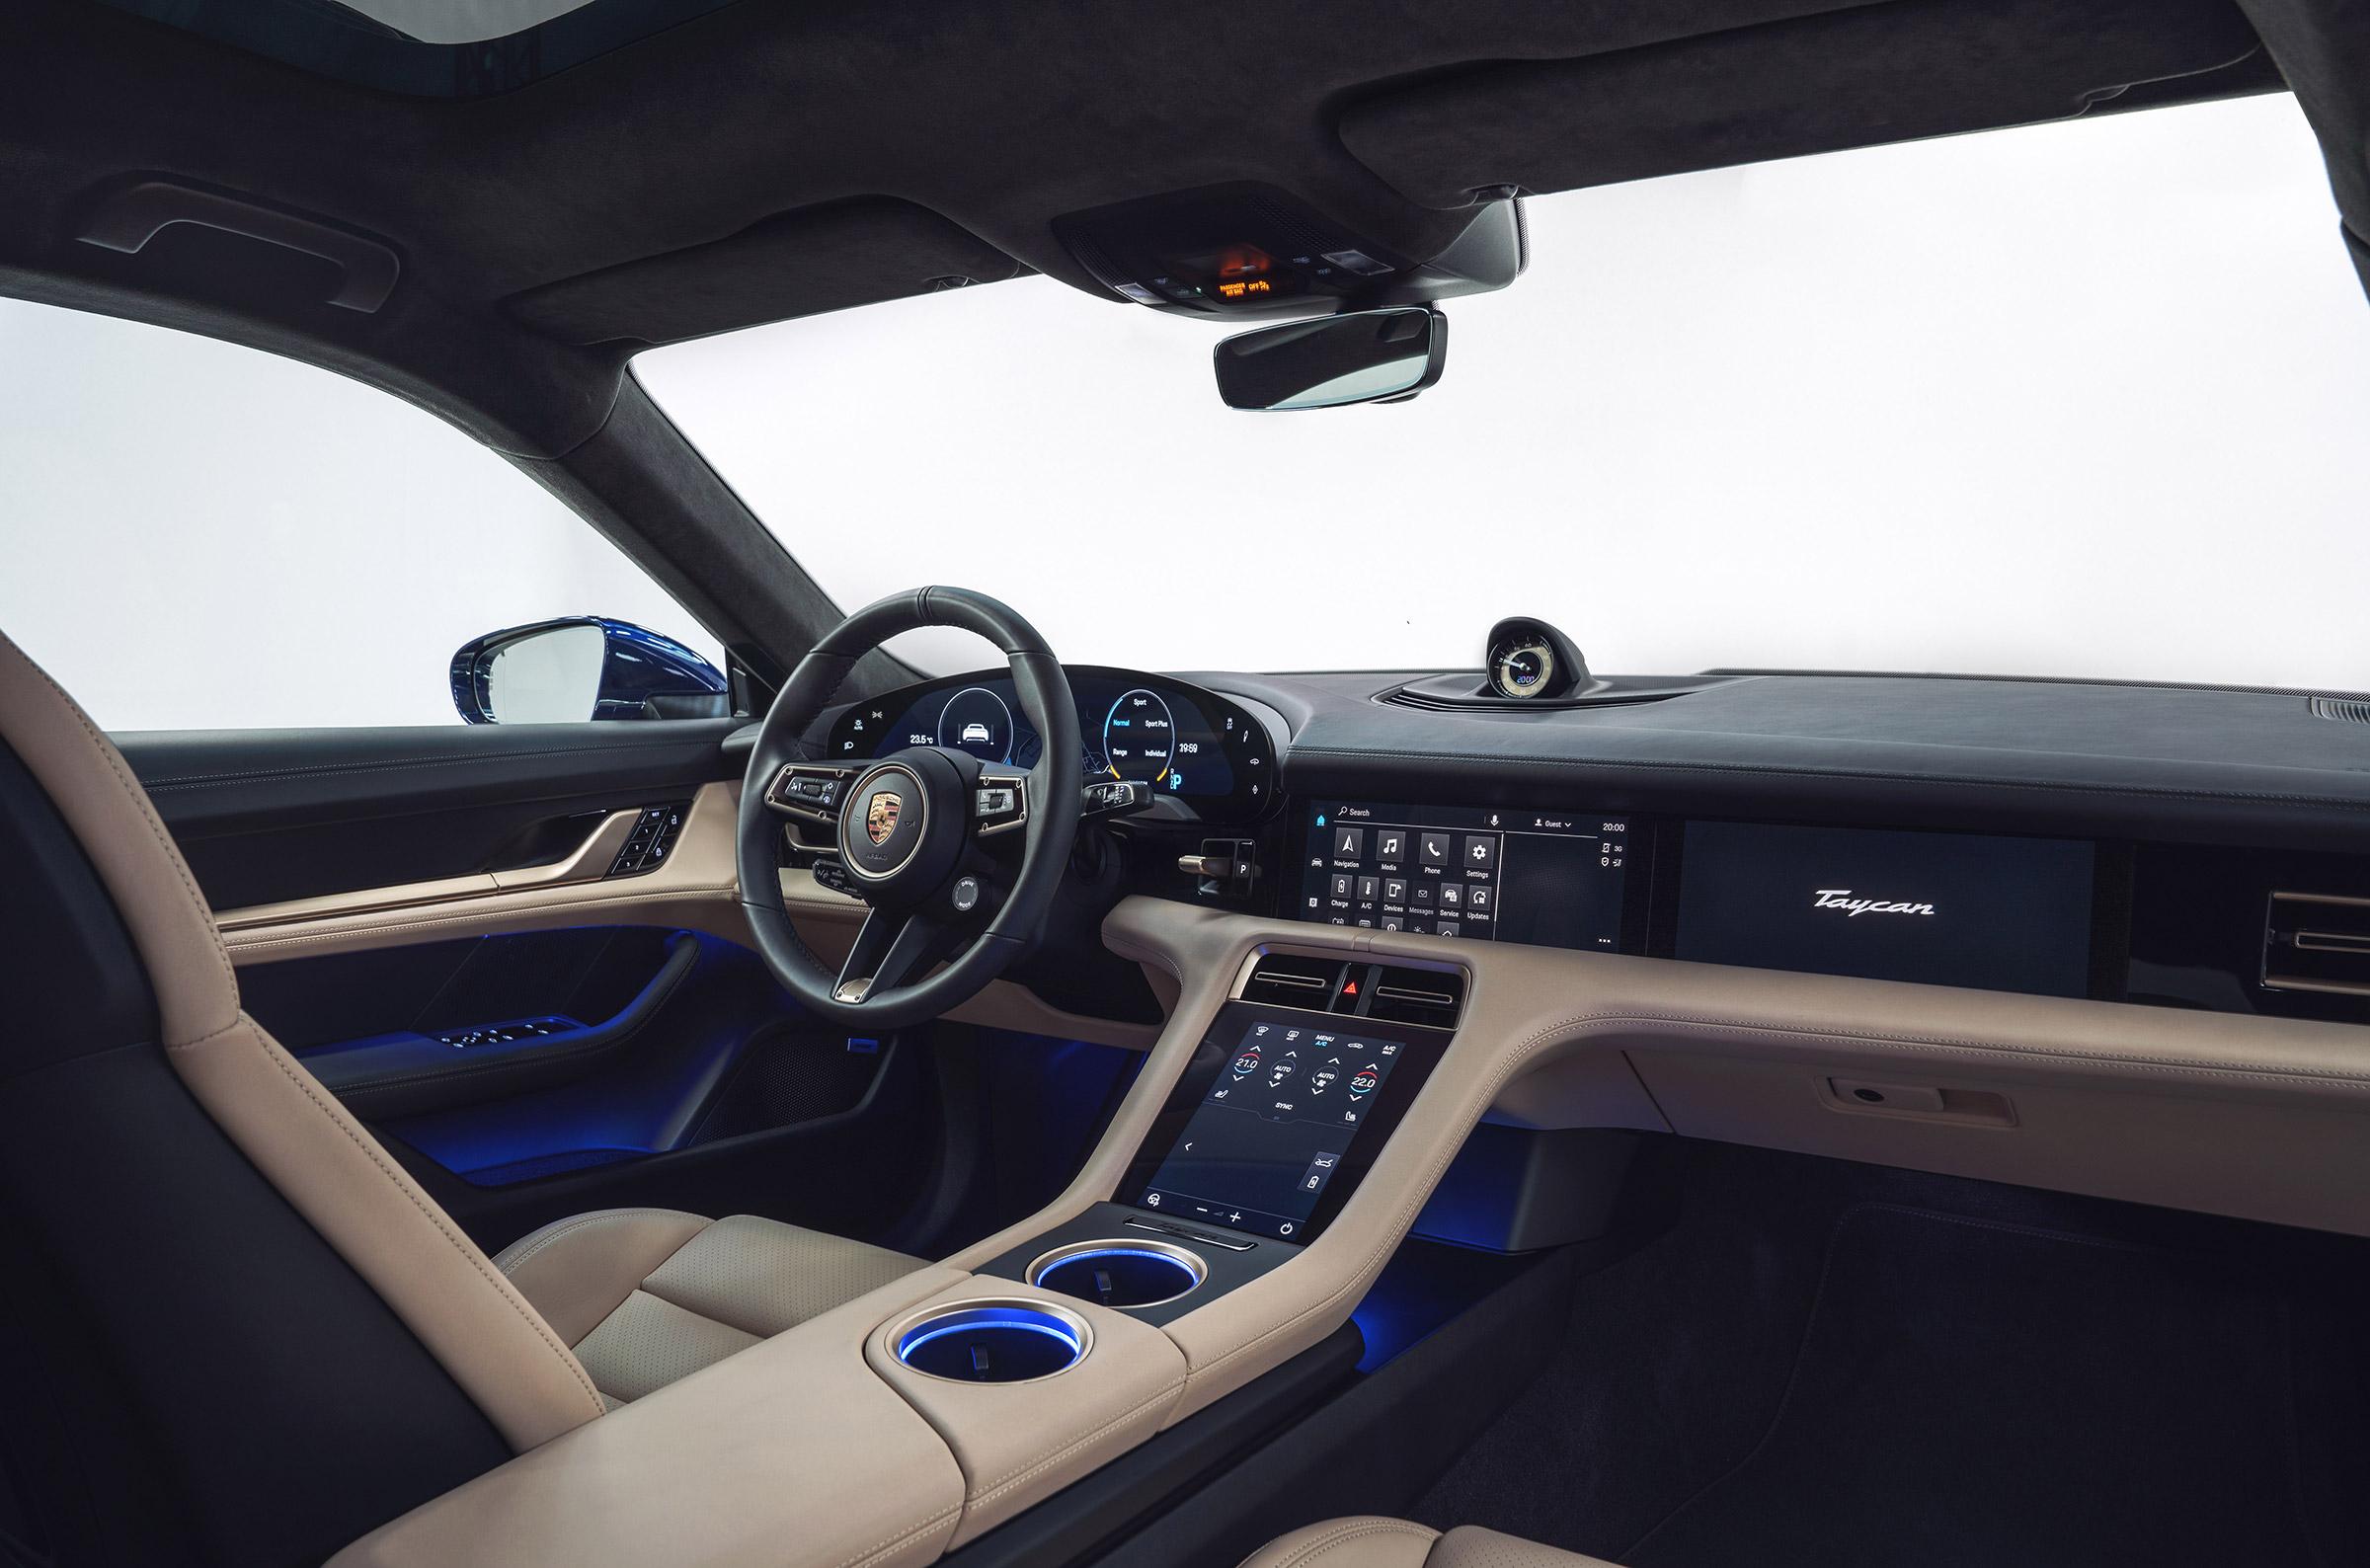 2020 Porsche Taycan Revealed 750bhp Ev Ready To Go Evo